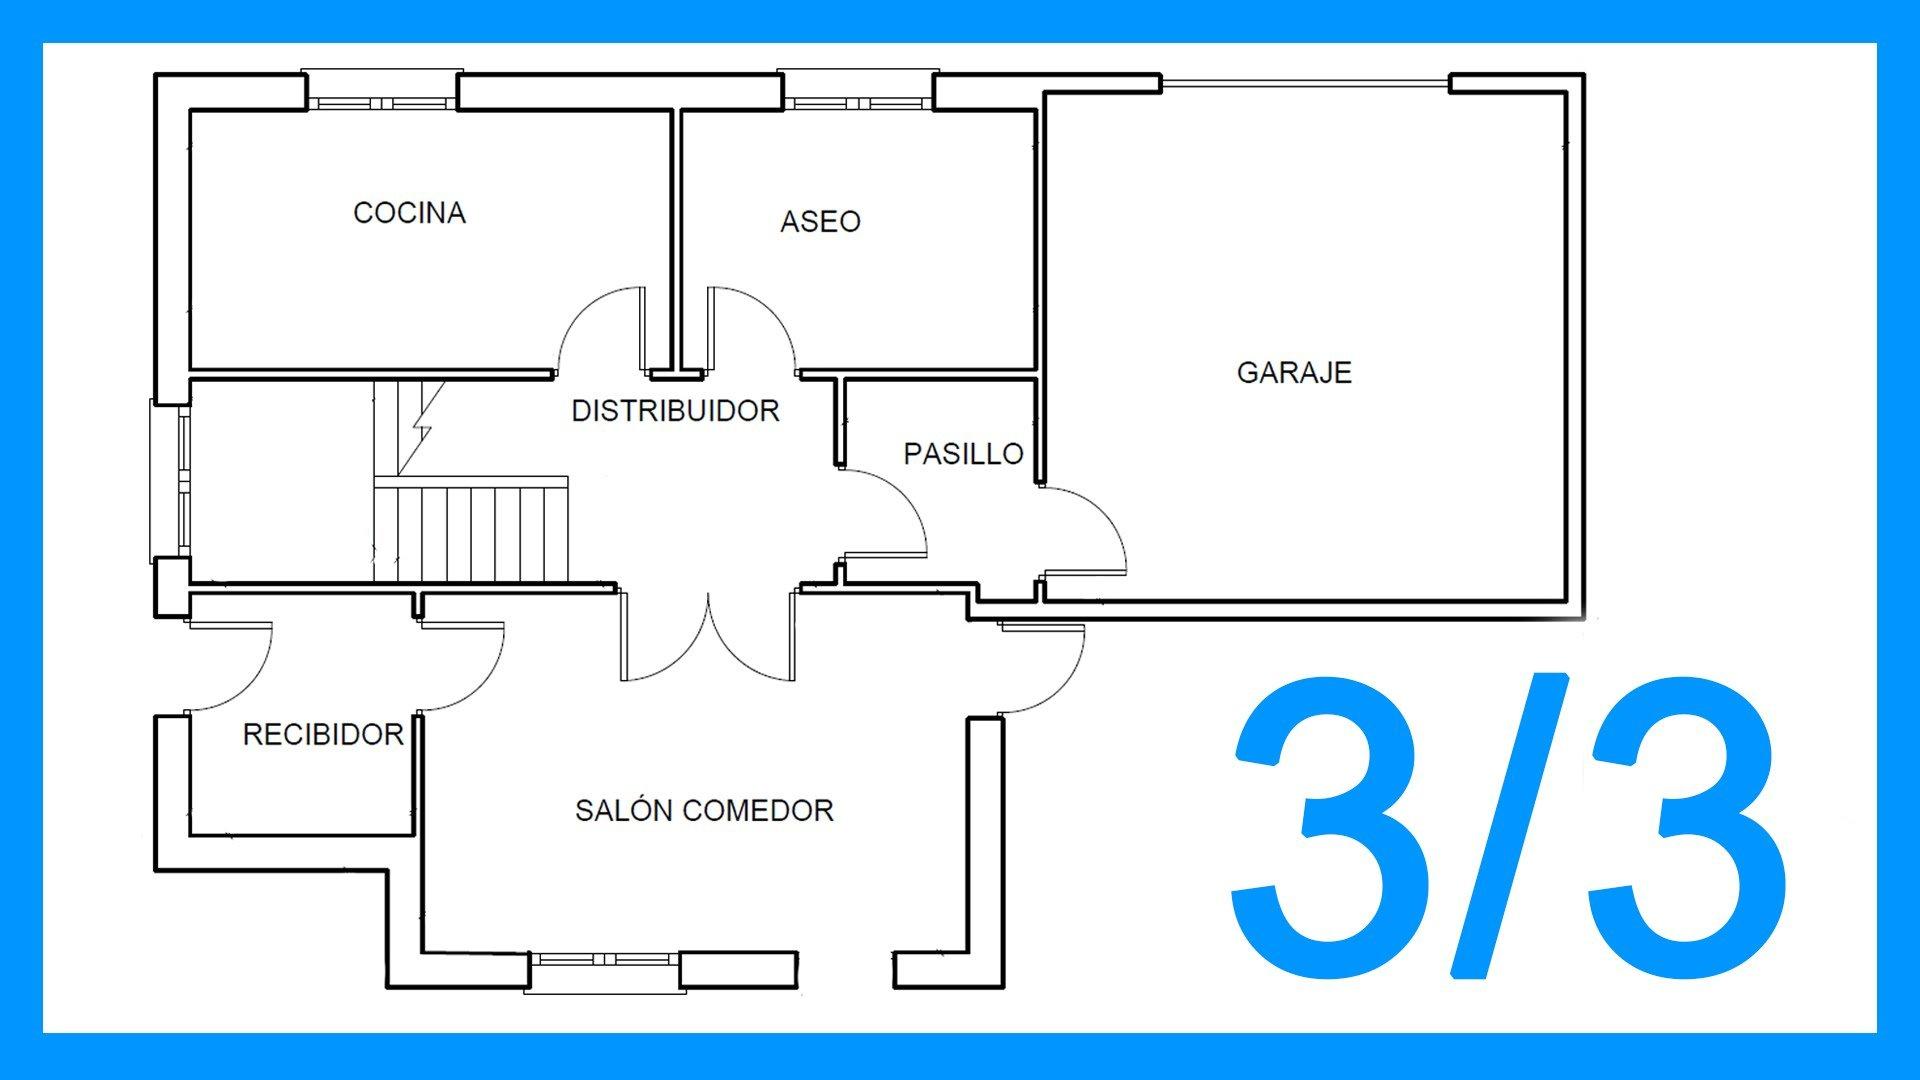 Autocad 3 3 dibujar el plano de una casa paso a paso en for Como crear un plano de una casa